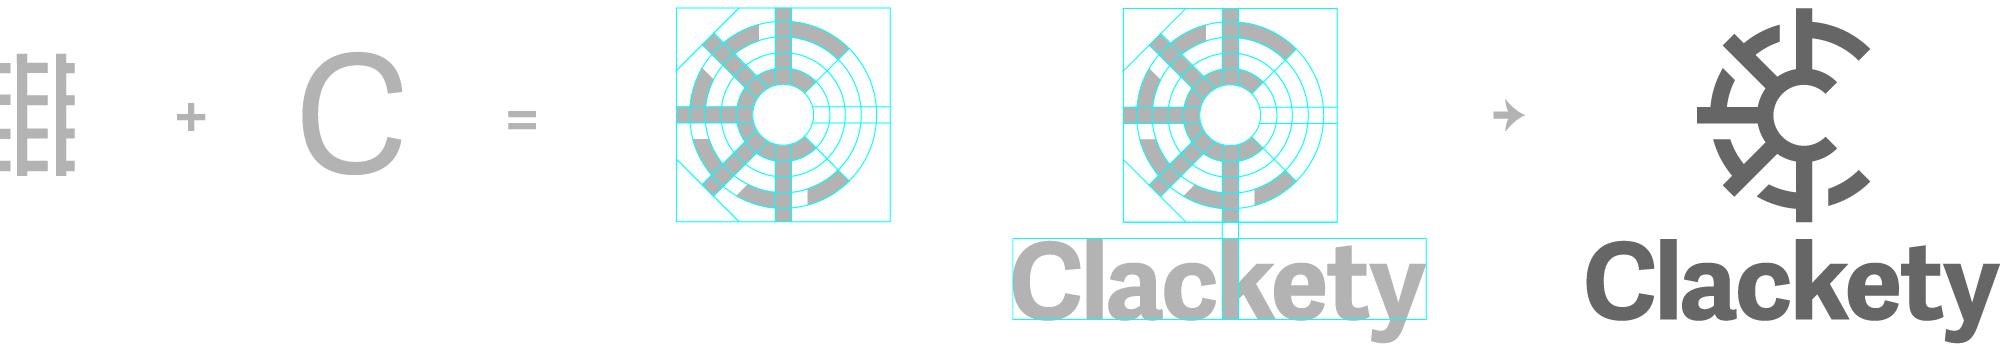 Clackety-01